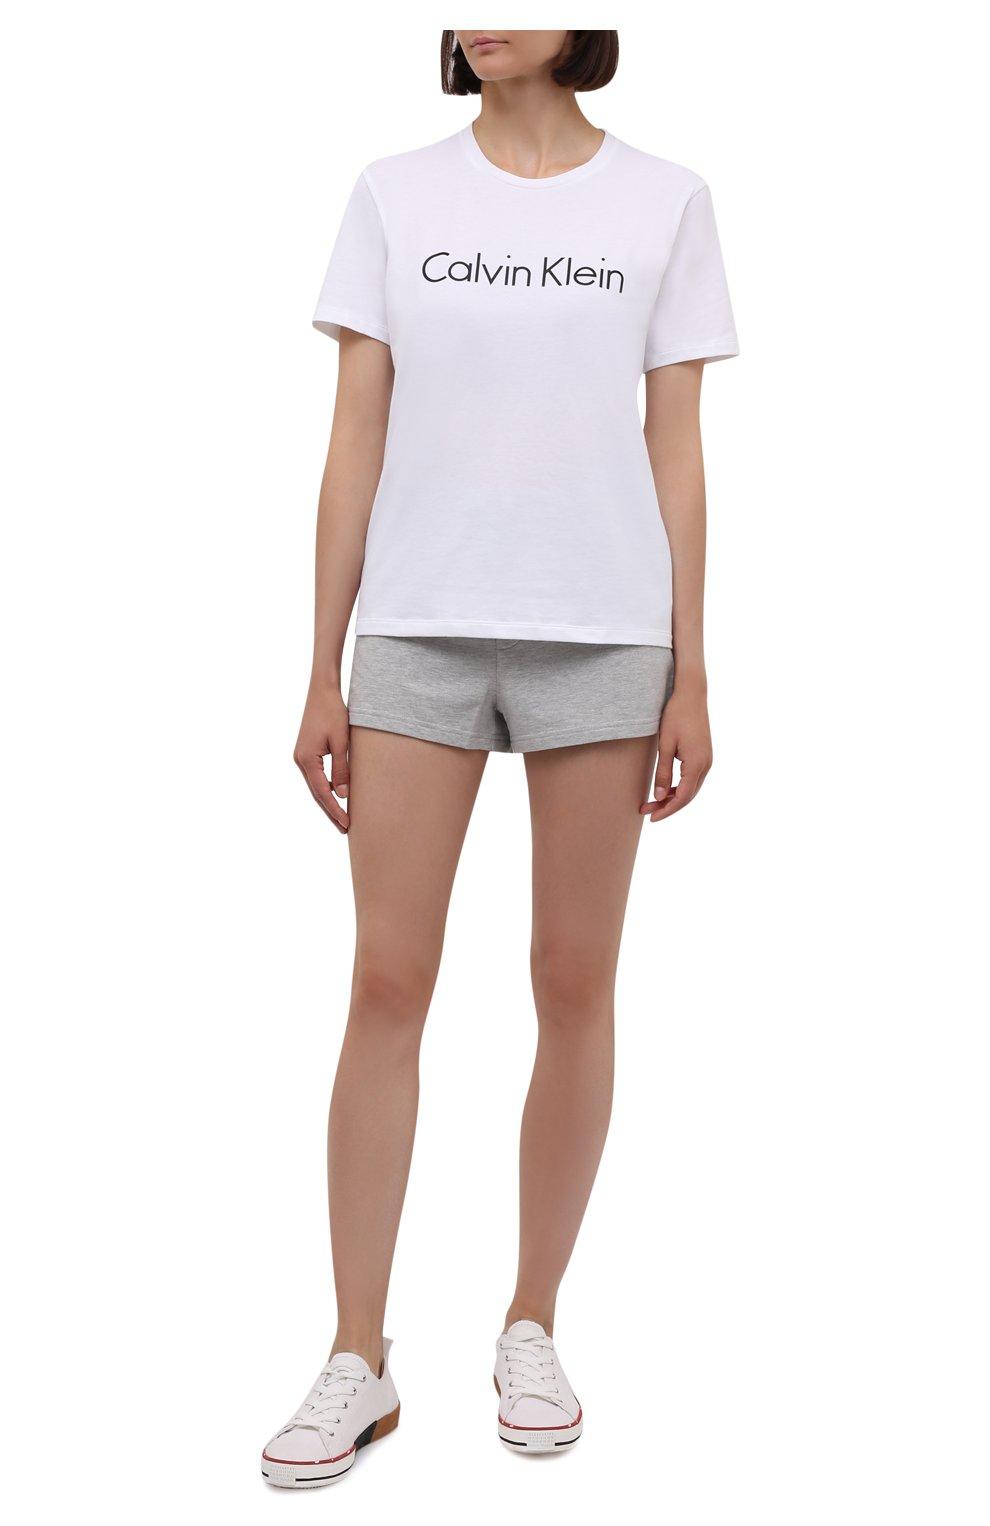 Женская футболка CALVIN KLEIN белого цвета, арт. QS6689E   Фото 2 (Рукава: Короткие; Материал внешний: Синтетический материал, Хлопок; Длина (для топов): Стандартные; Женское Кросс-КТ: Футболка-белье)